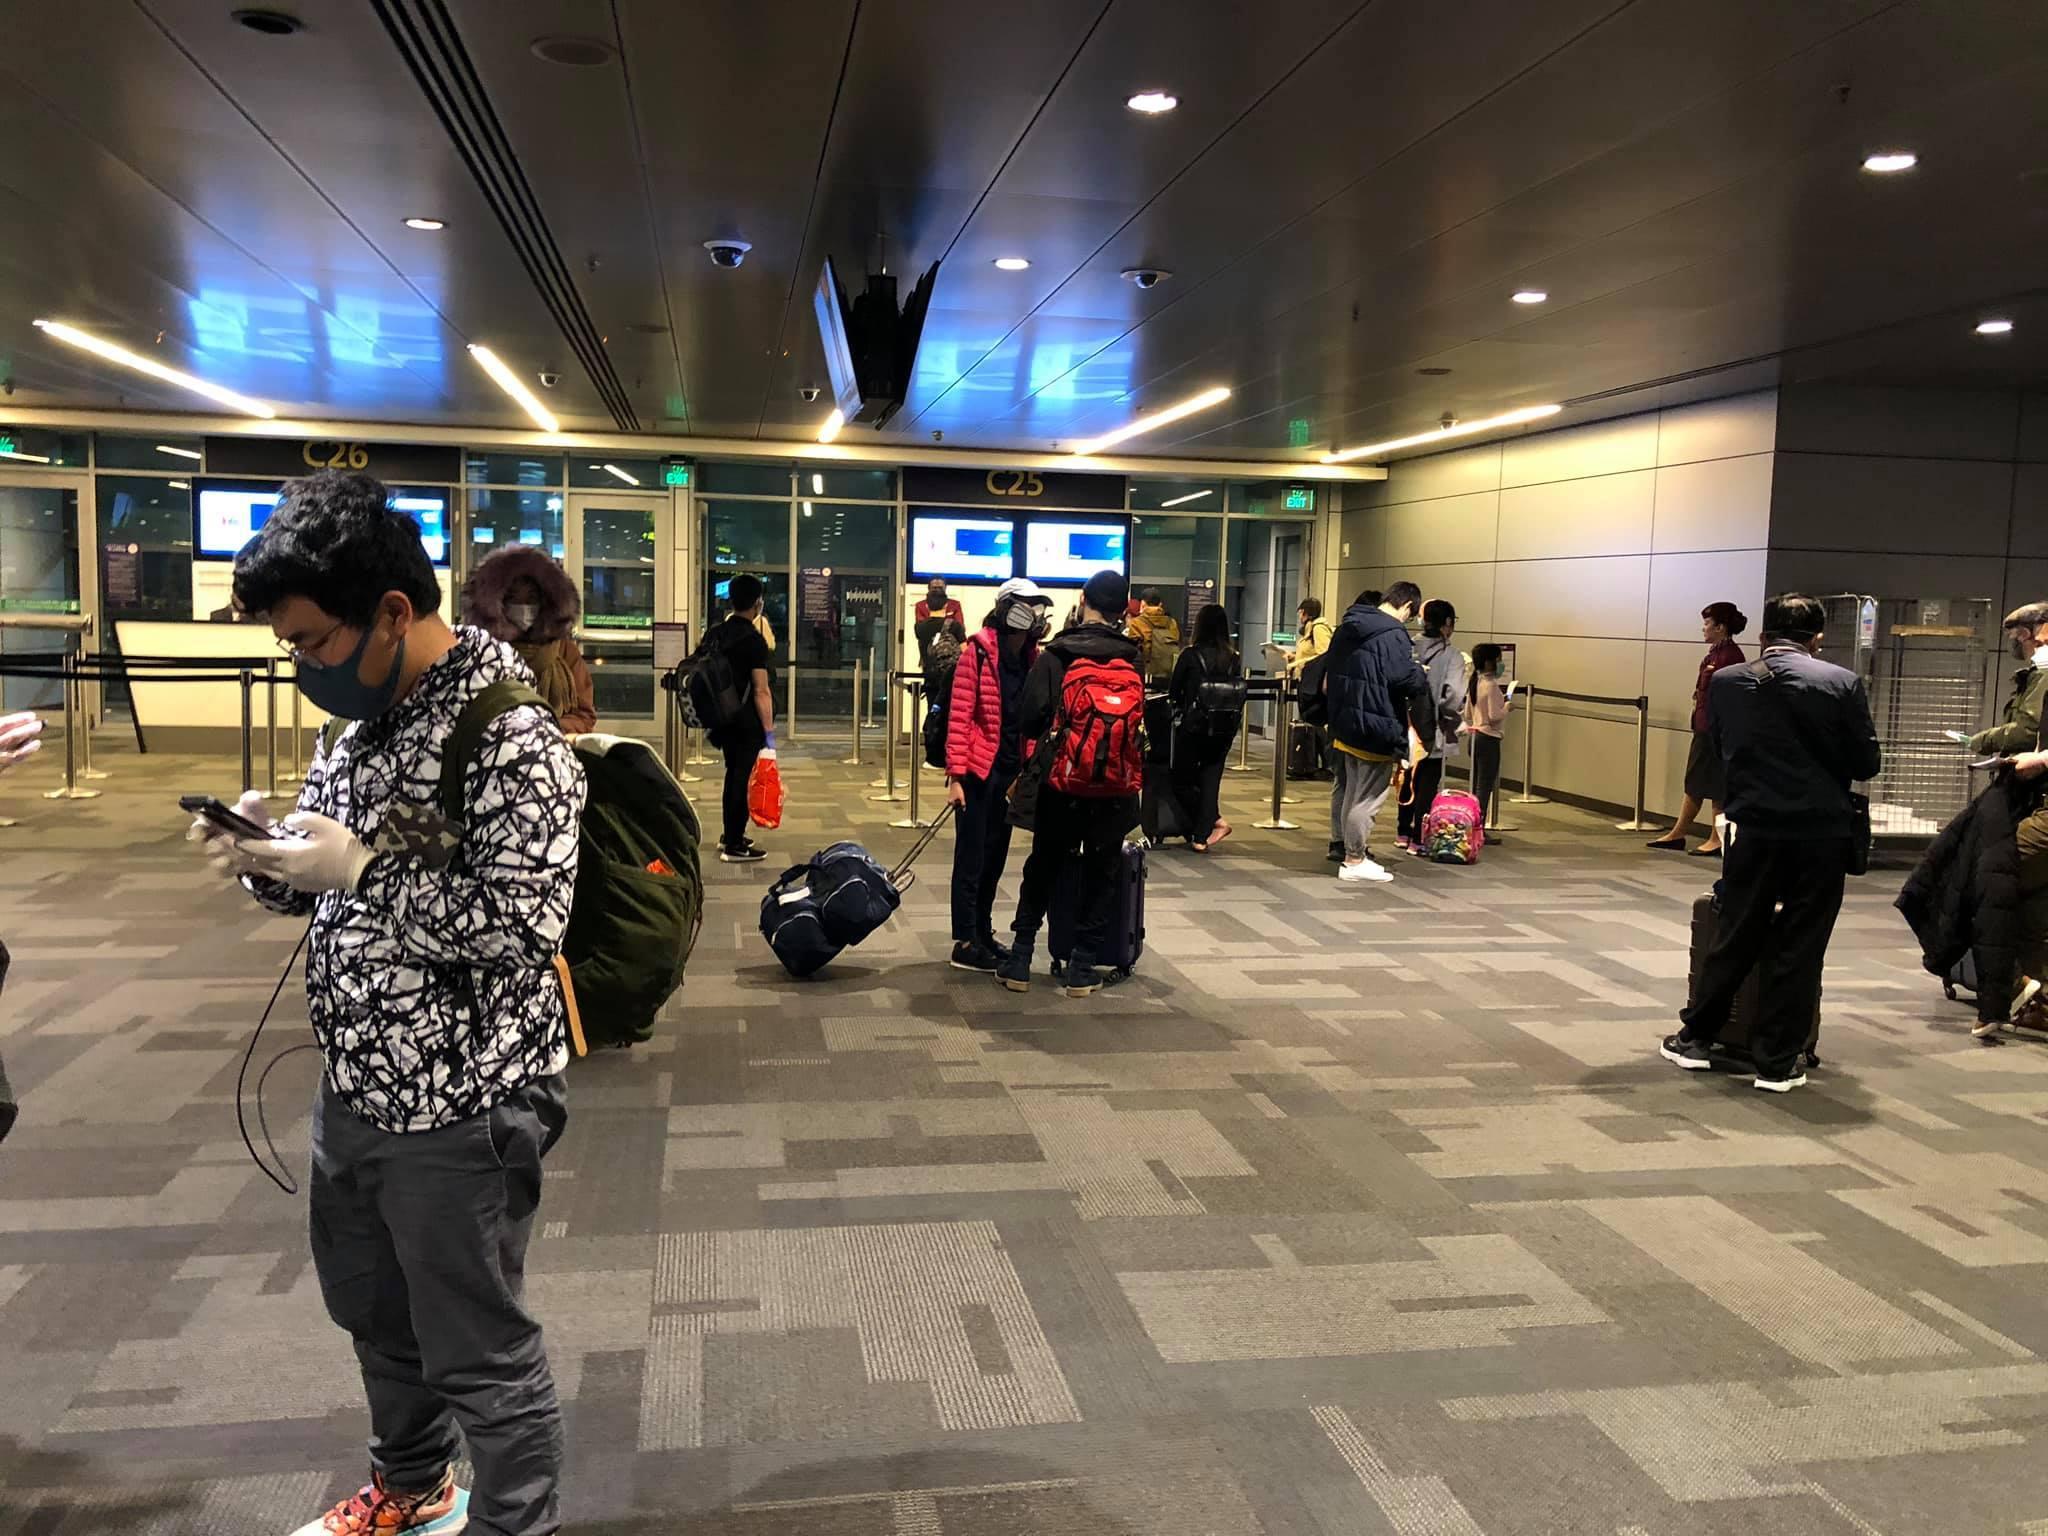 Nhật ký của du học sinh trên chuyến bay rời khỏi châu Âu